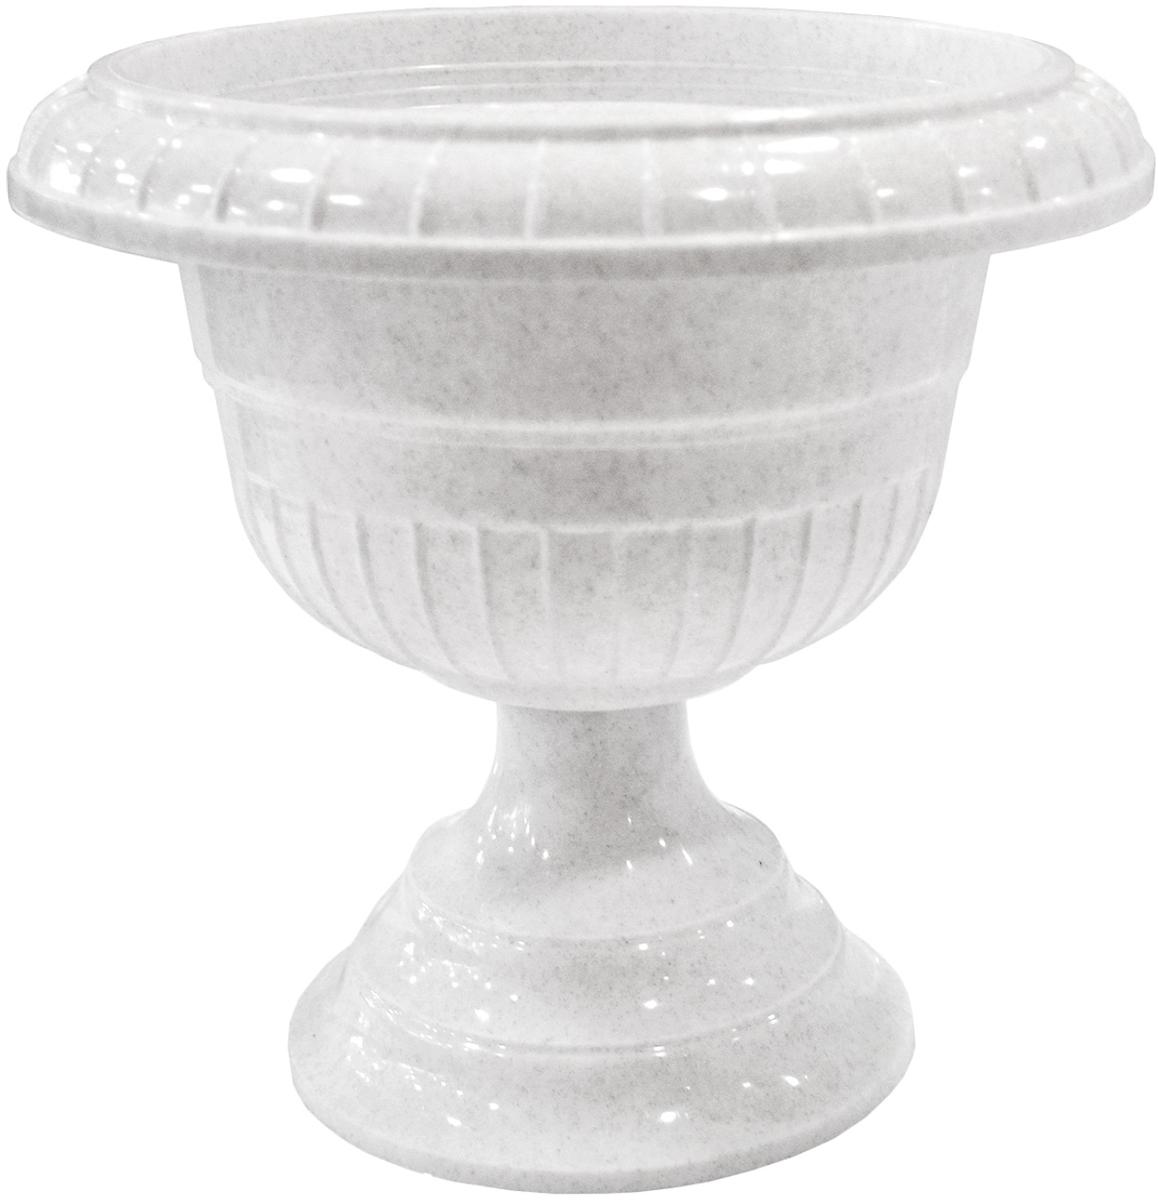 Вазон InGreen, цвет: мраморный, высота 24,5 см поддон для балконного ящика ingreen цвет белый длина 60 см